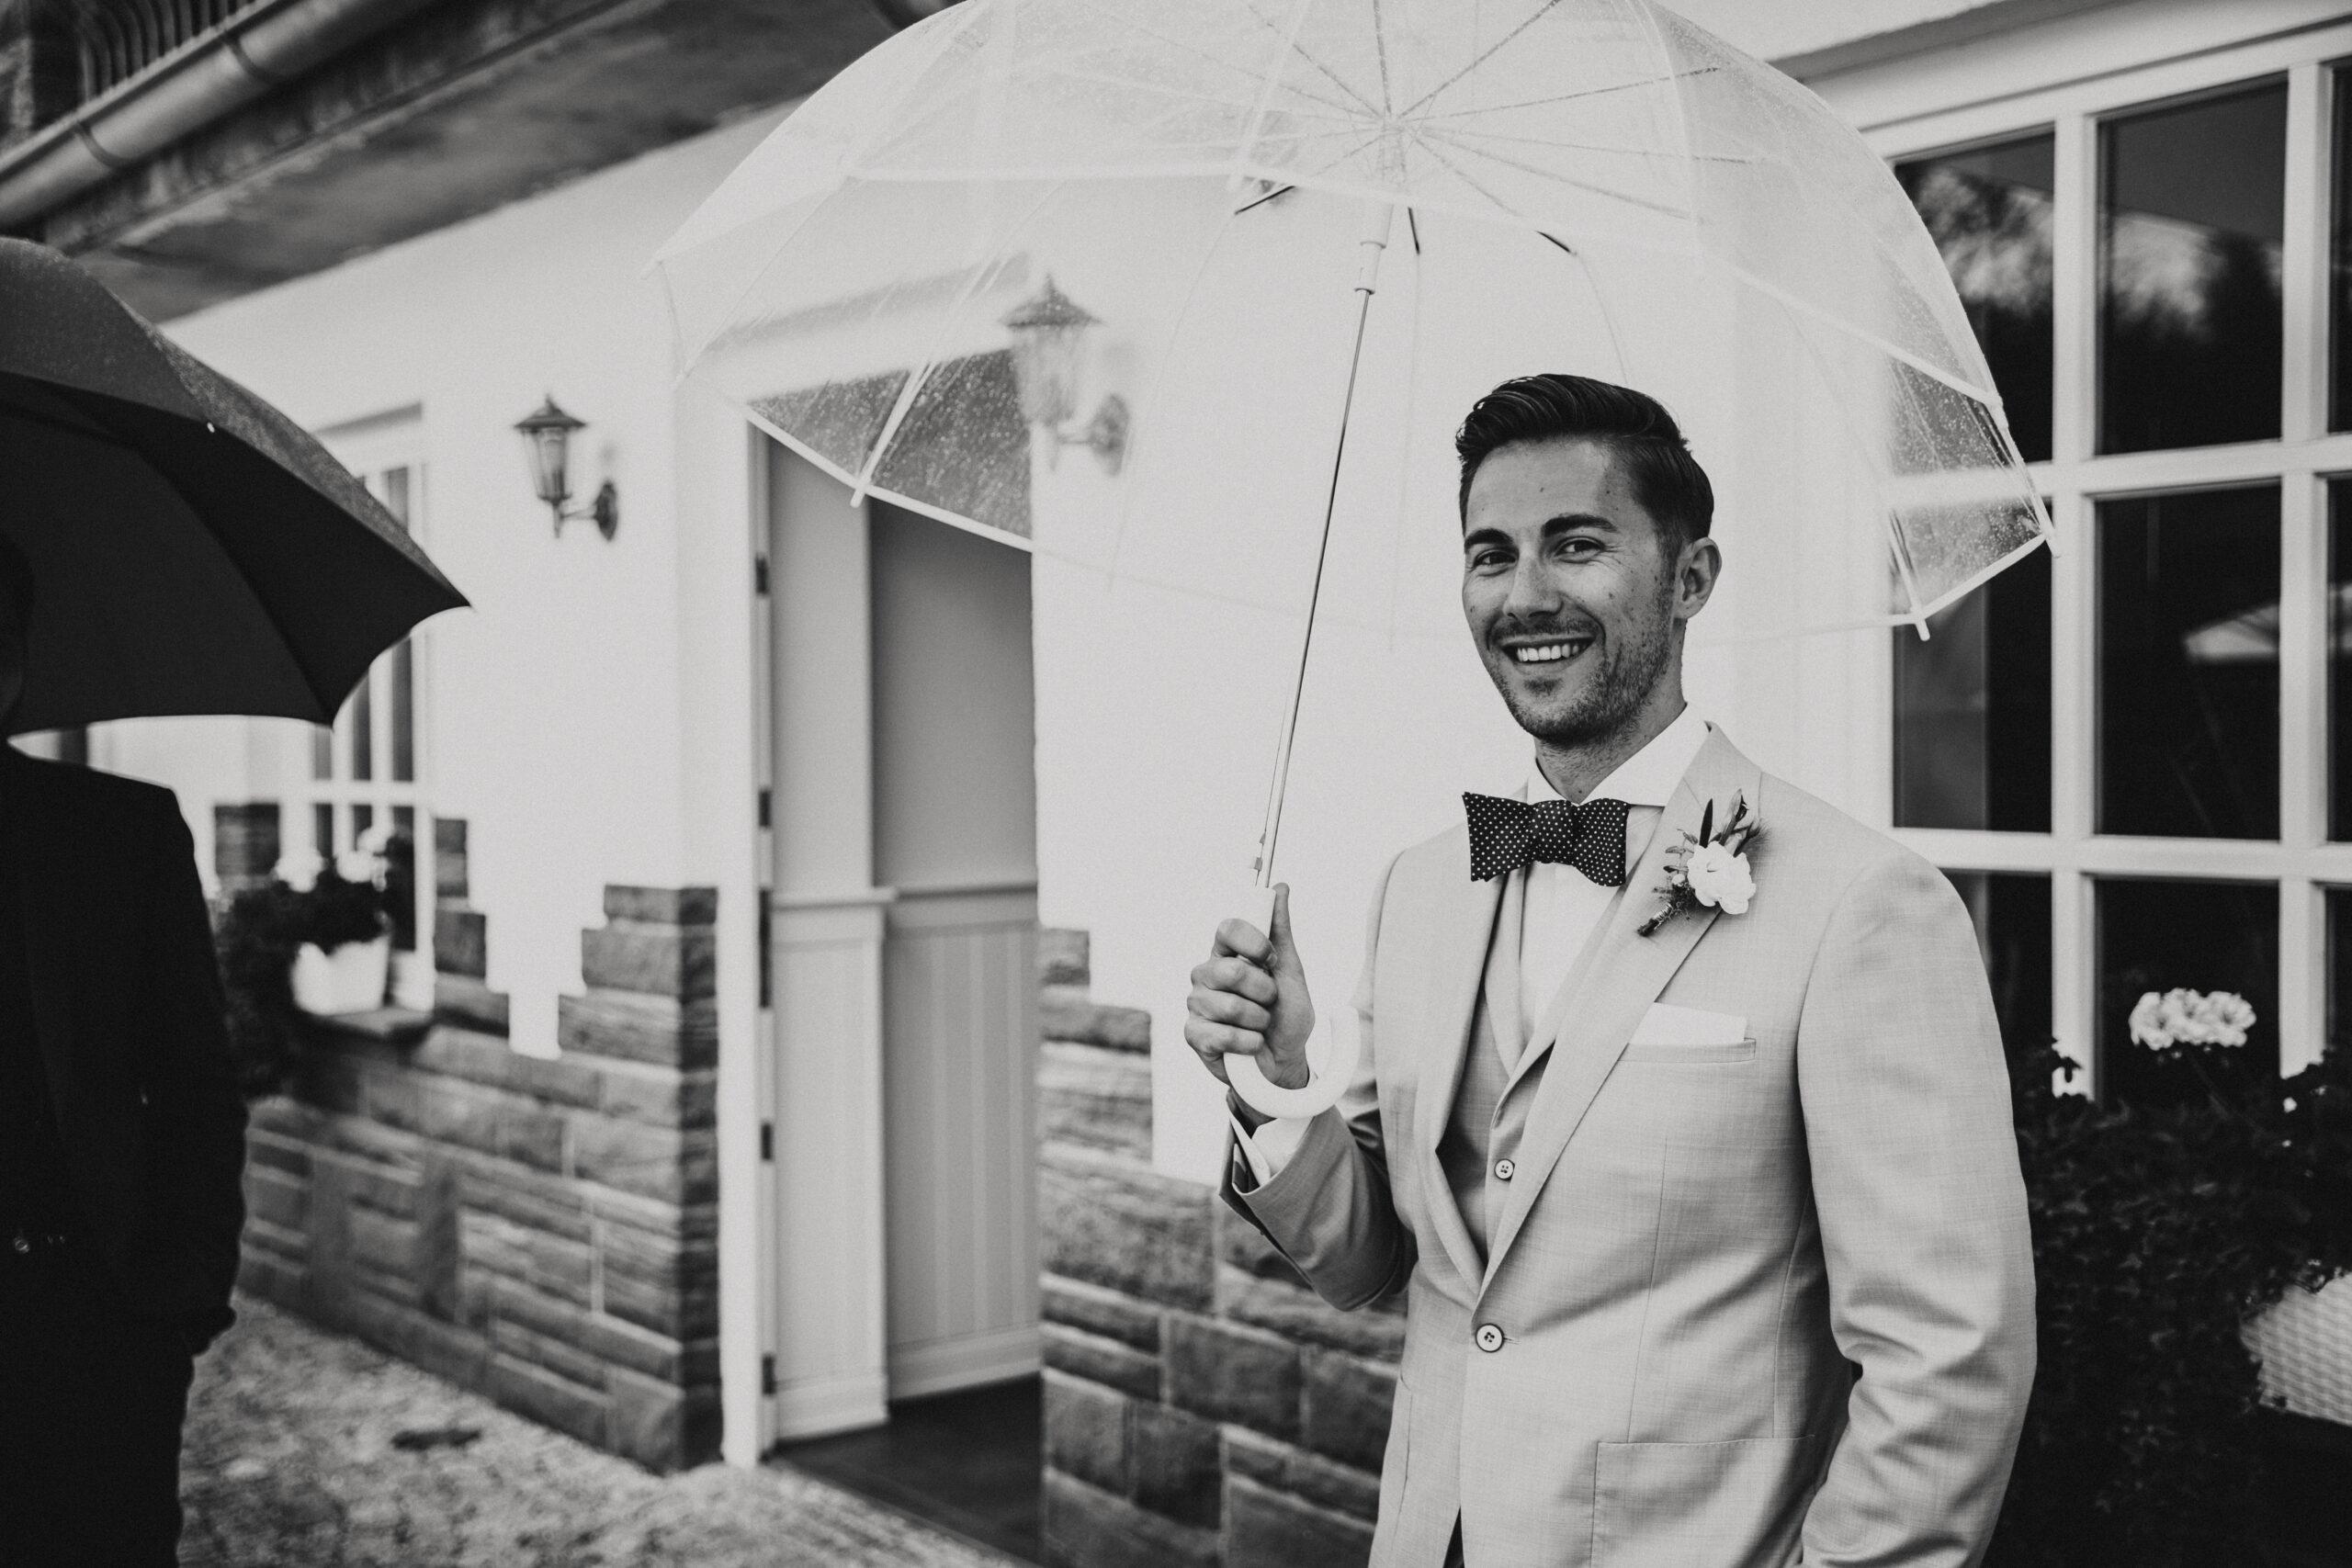 Hochzeitslocation - Hoher Darsberg in der nähe von Heidelberg, Stuttgart in Süddeutschland. Der Bräutigam steht glücklich draußen der Hochzeitslocation und begrüßt seine Gäste. Wahrscheinlich weiß er dass er alles richtig gemacht hat. Da er eine Hochzeitslocation gebucht hat die für schlechtes Wetter ein tollen Plan B hat.